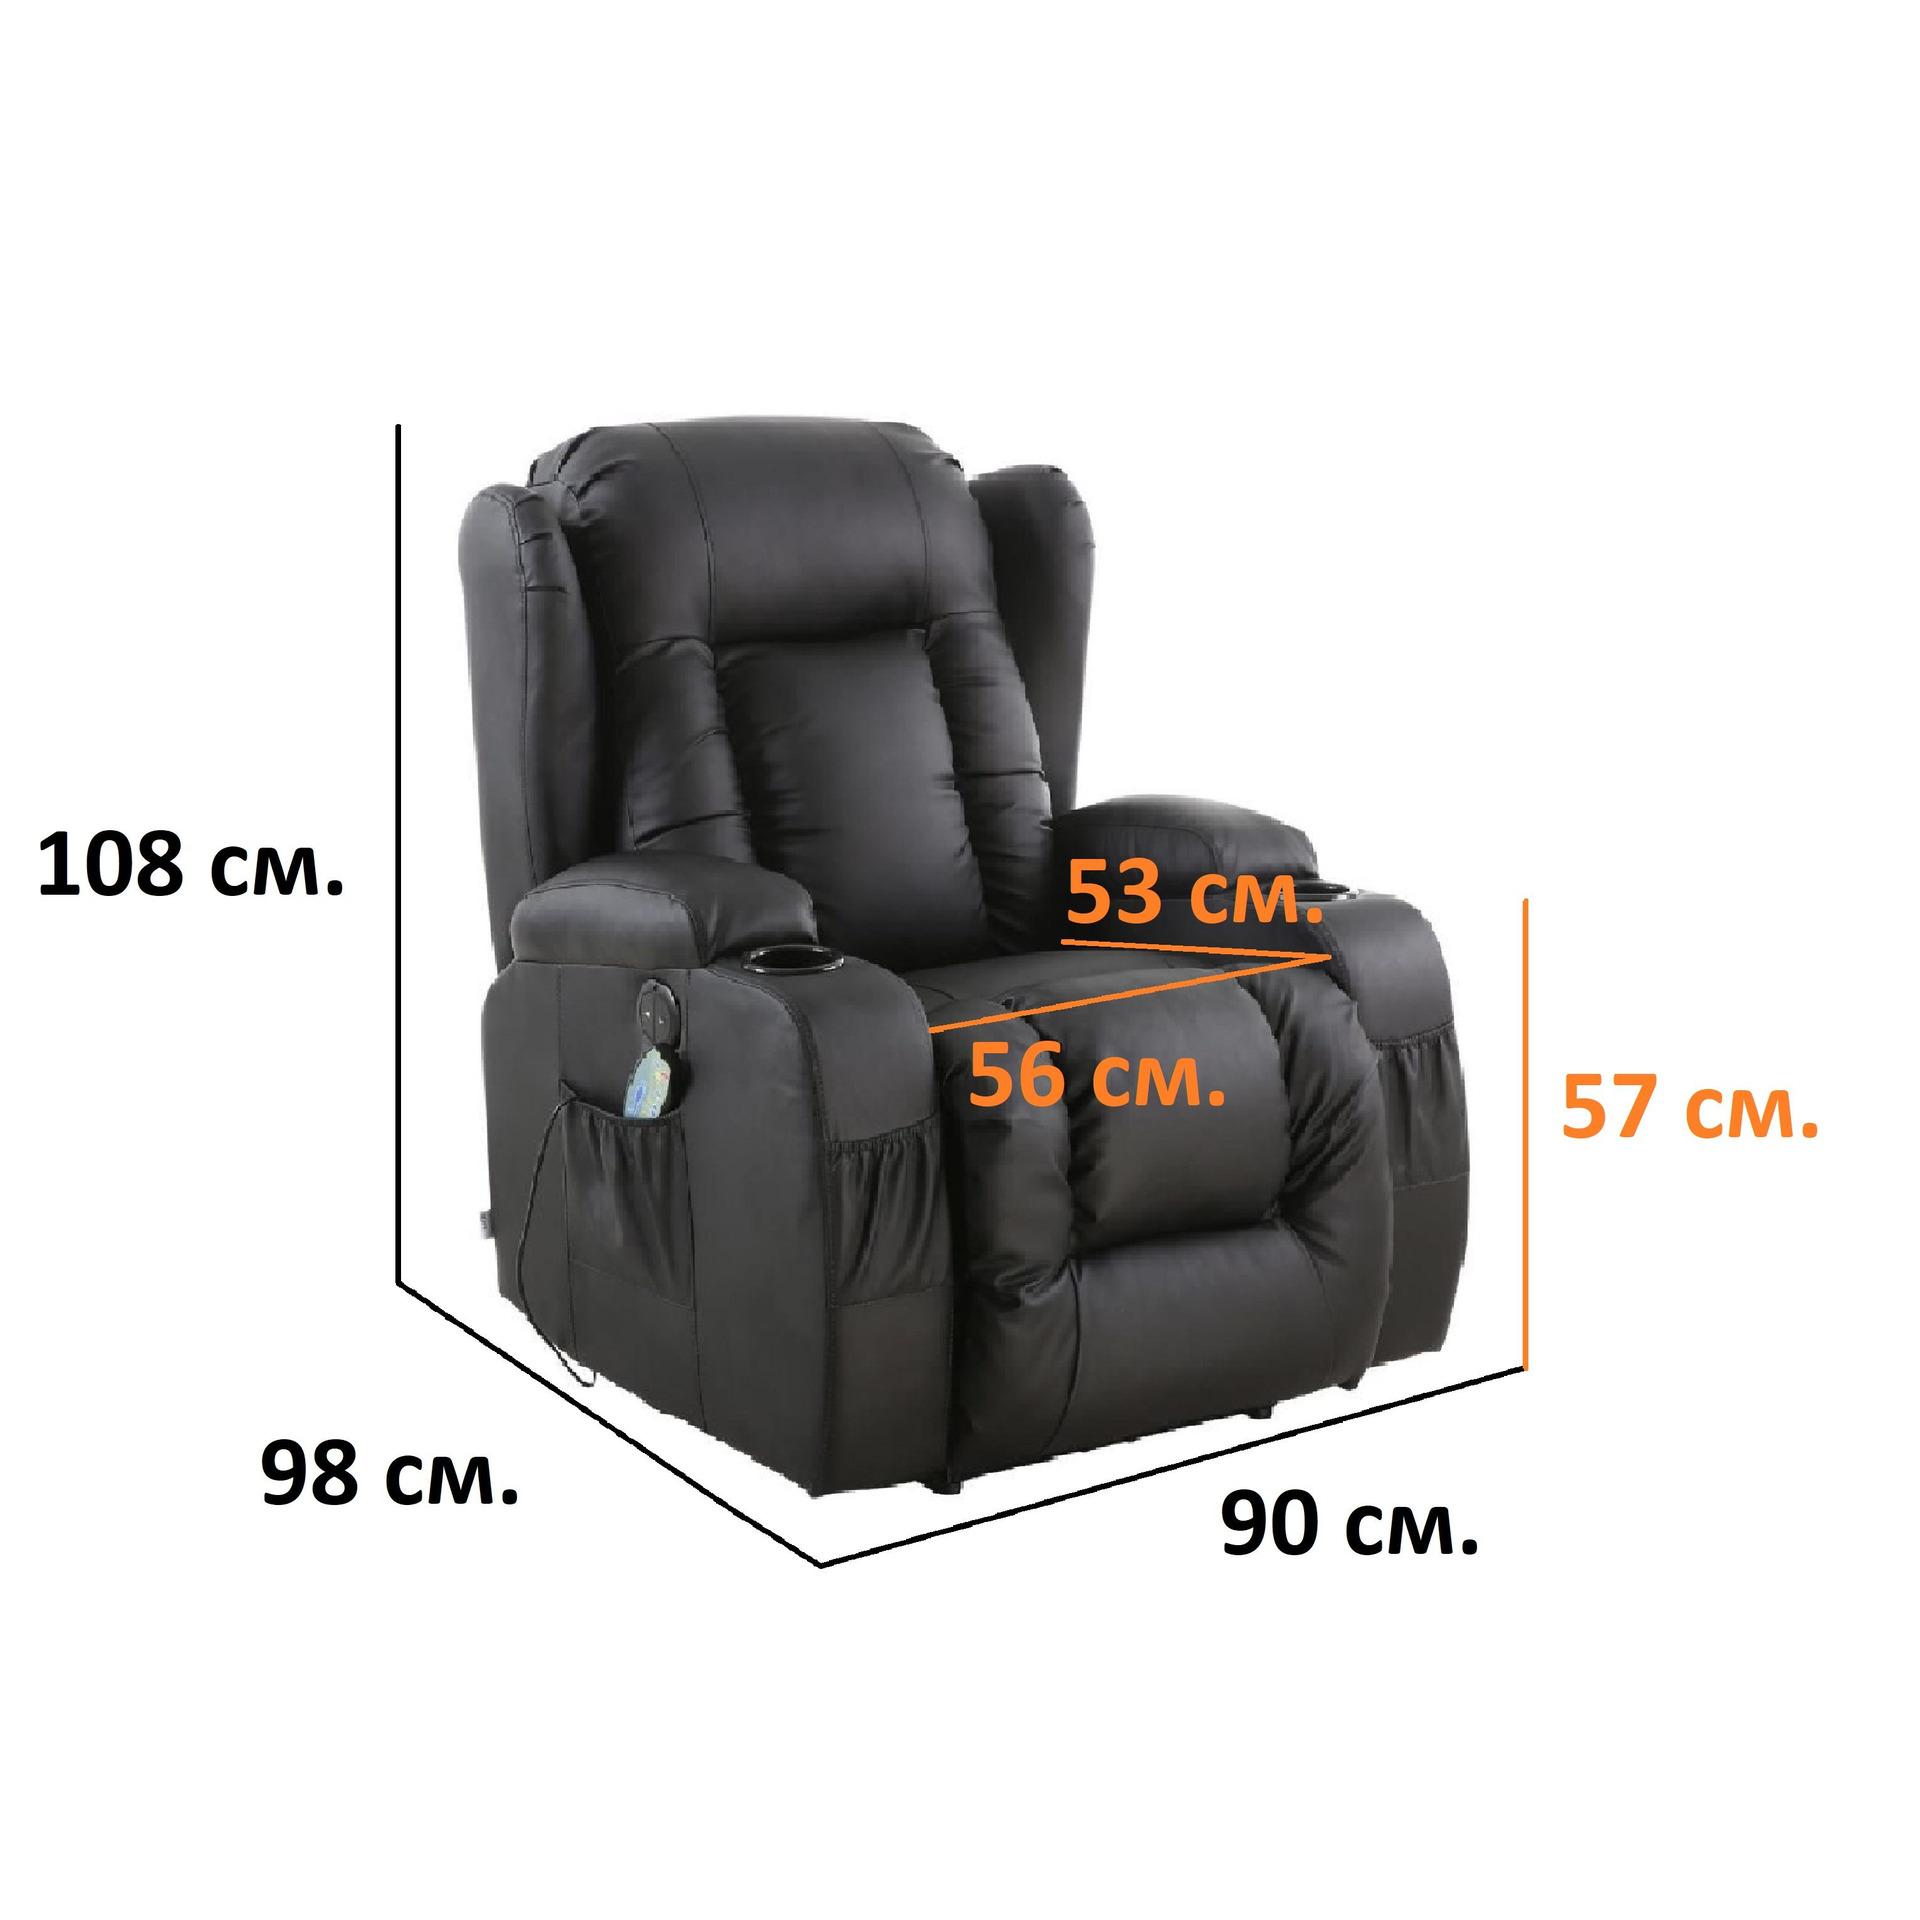 Релакс фотьойл, Реклайнер Hobax R1-7027 , Масаж с вибрации, Функция за подгряване, Електрически механизъм на разпъване, Еко кожа, Две поставки за чаша, черен цвят